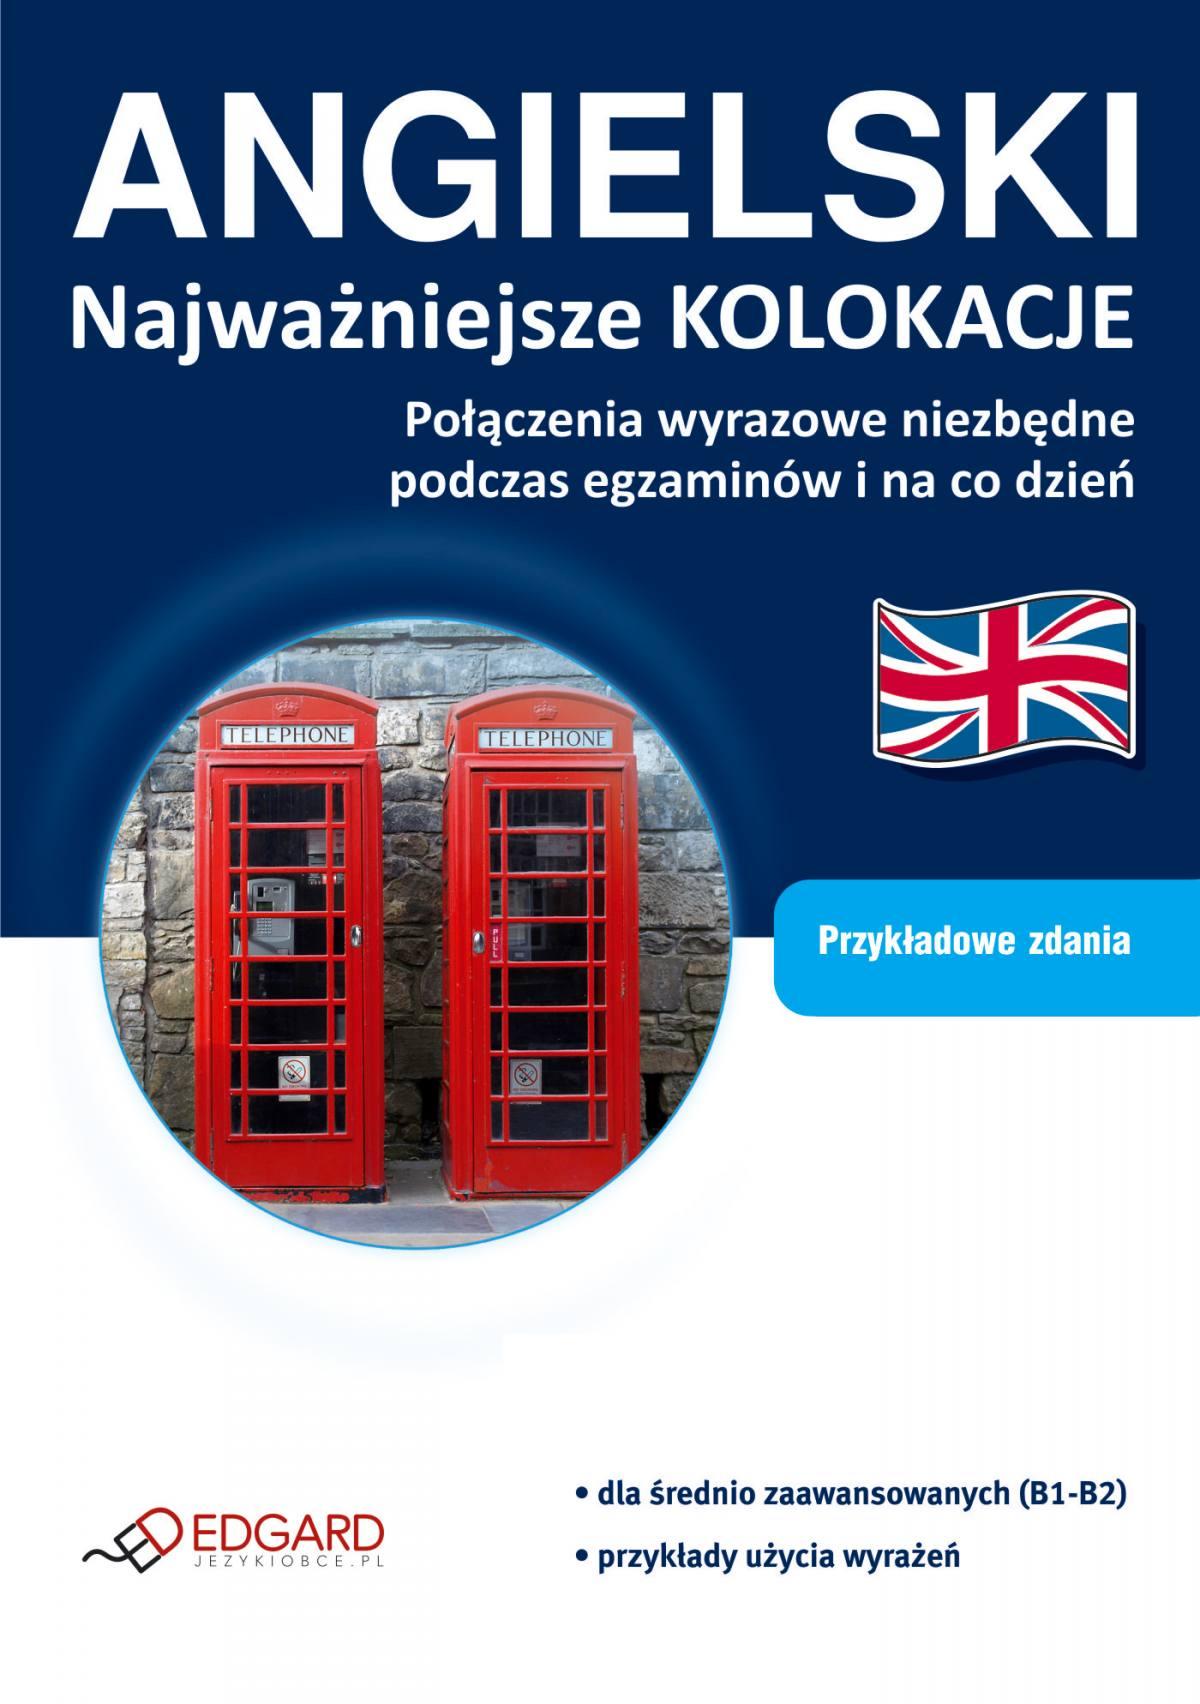 Angielski Najważniejsze kolokacje - Ebook (Książka EPUB) do pobrania w formacie EPUB